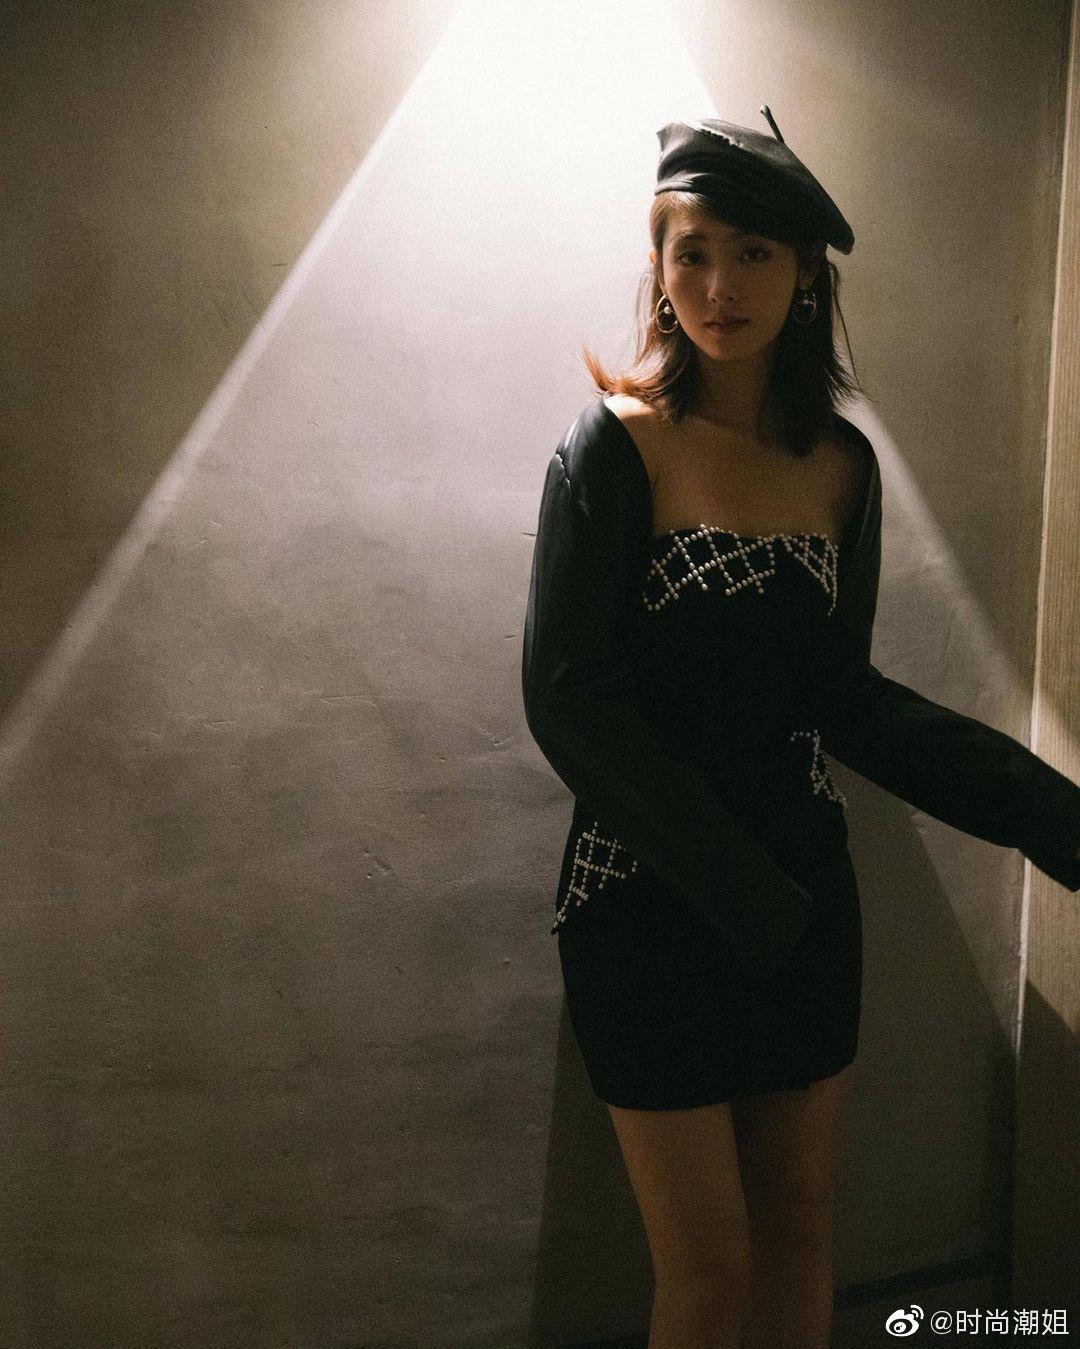 邢菲黑色短裙写真图片,飒酷甜美! 